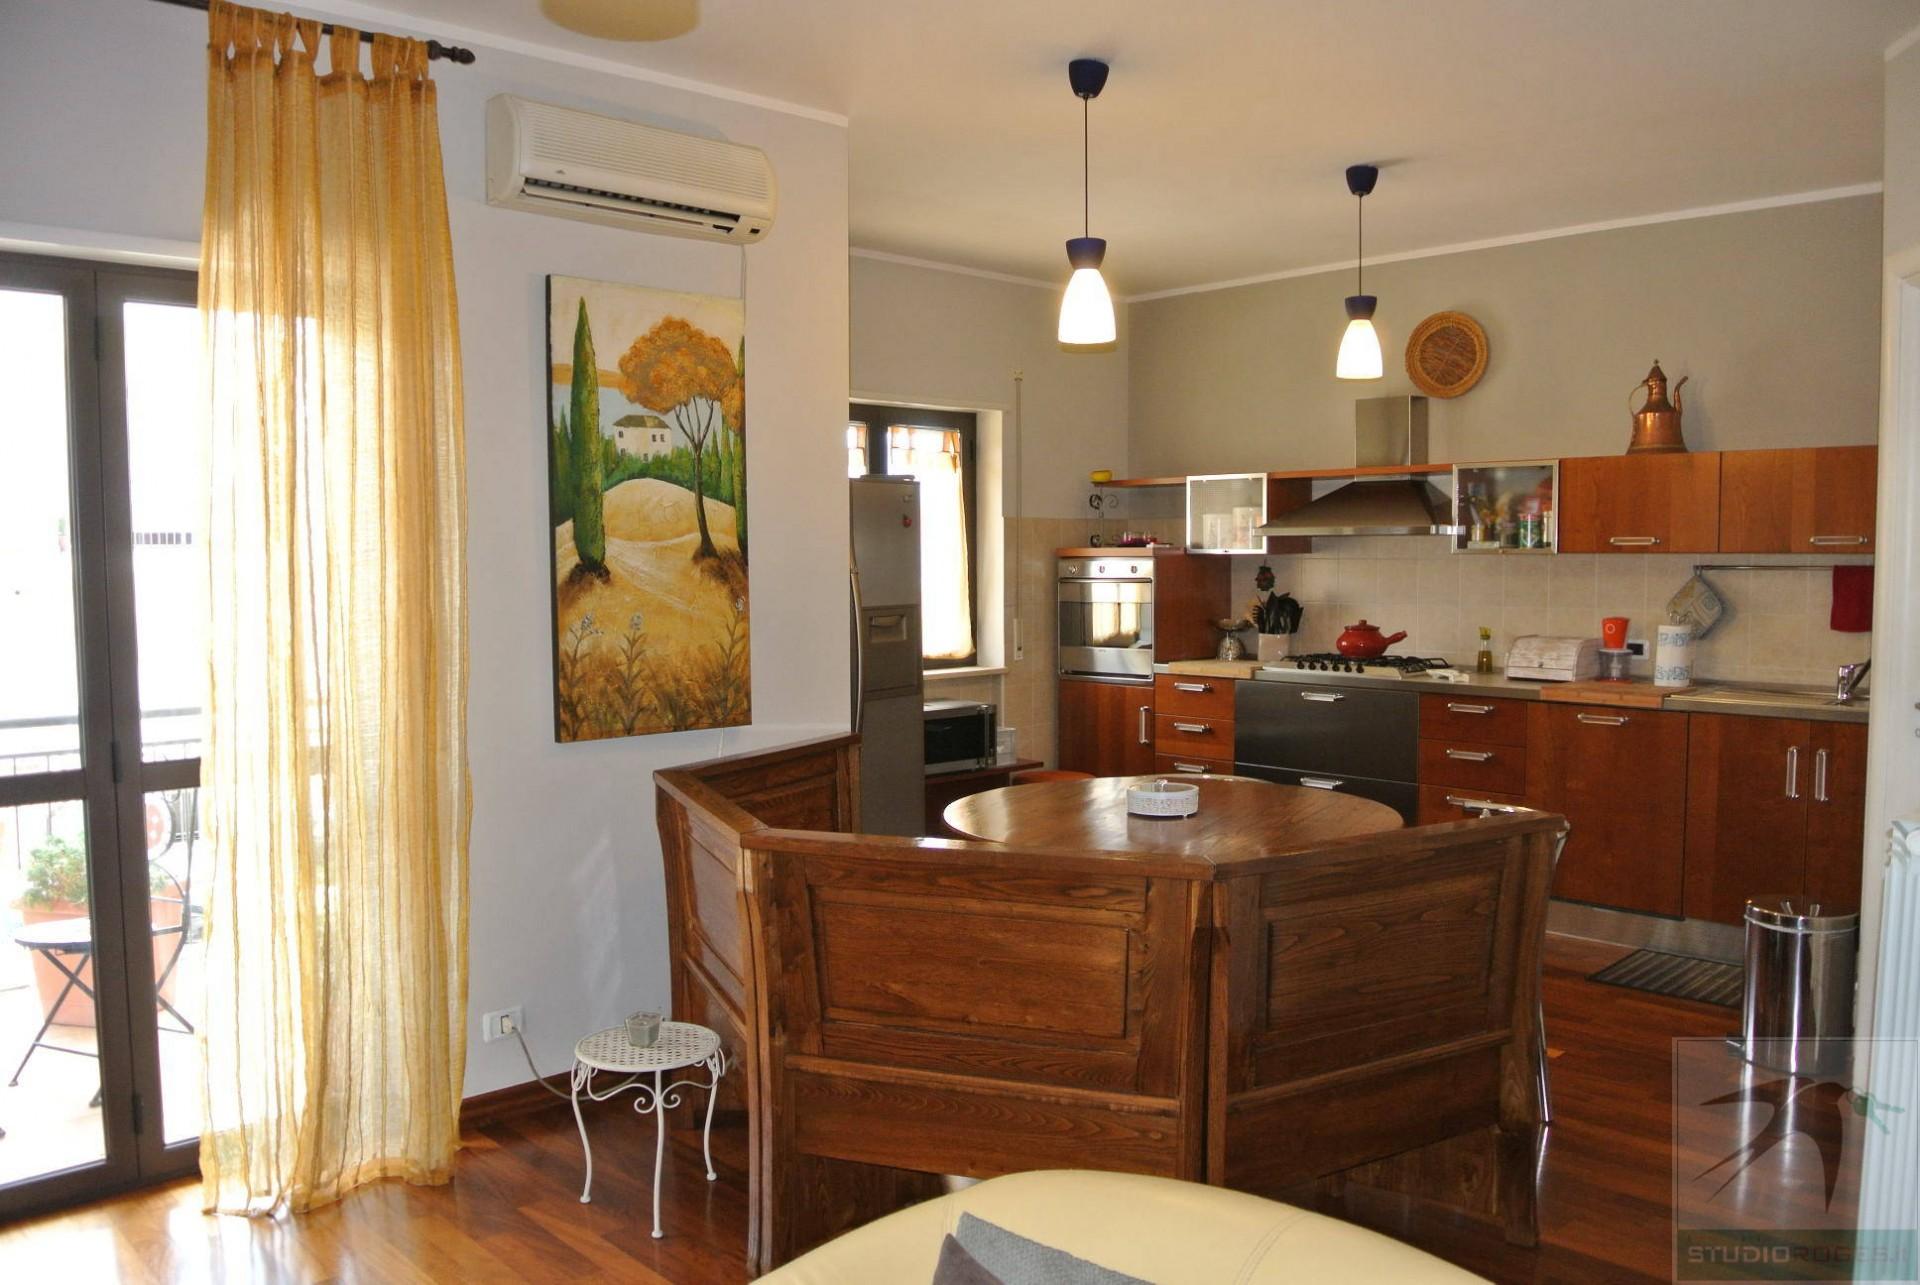 Appartamento in Vendita 75,07 mq - N. camere: 3 - - Rende - Rocchi-S.Stefano-Arcavacata (CS)